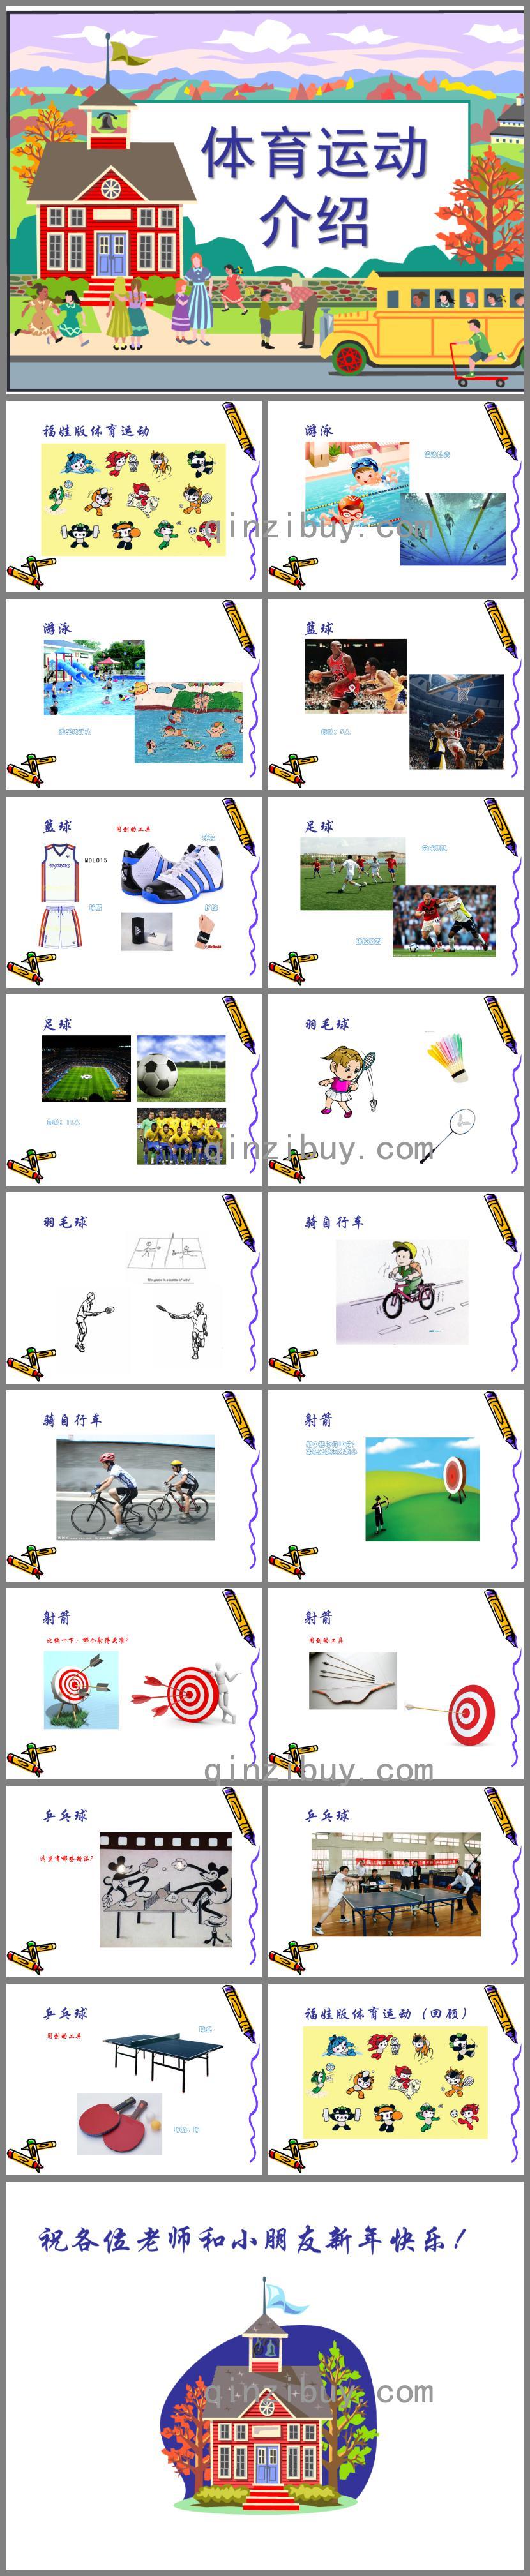 幼儿园小班亲子体育运动介绍PPT课件